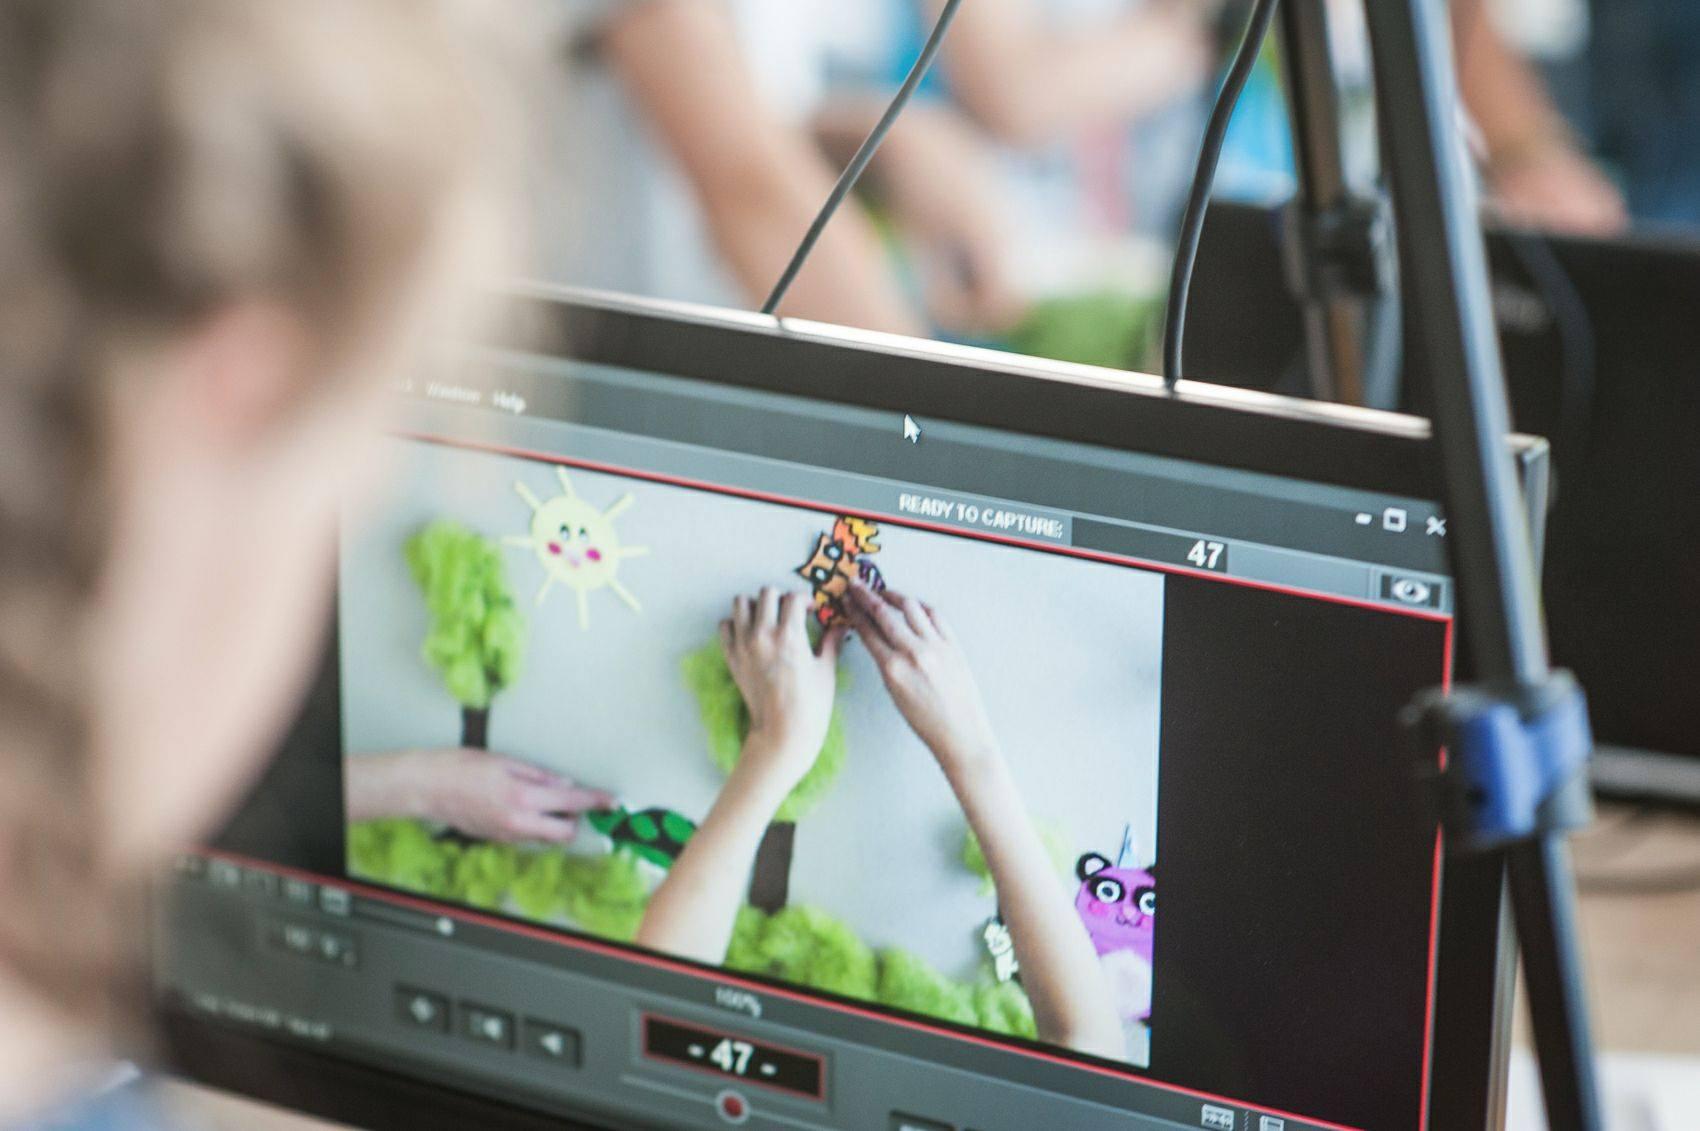 zdjęcie ukazuje ekran monitora, na którym powstaje animacja poklatkowa. dłonie animują przedmioty